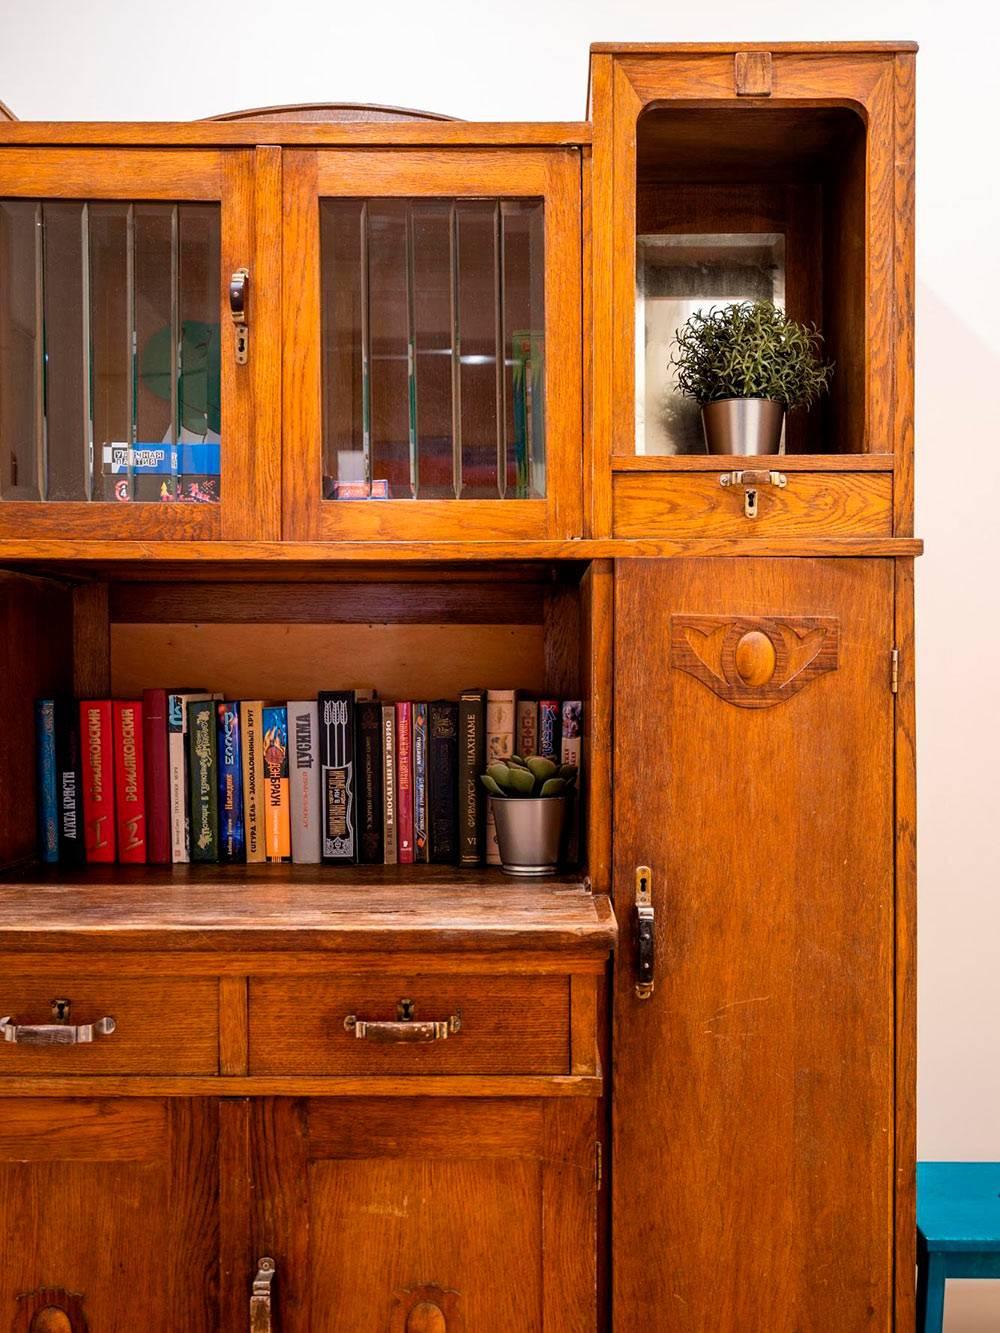 90-летний буфет. В боковом шкафчике — фены, а внизу — запас туалетной бумаги. На фото видно неродную ручку. Интересно, сможетели вы найти ее?